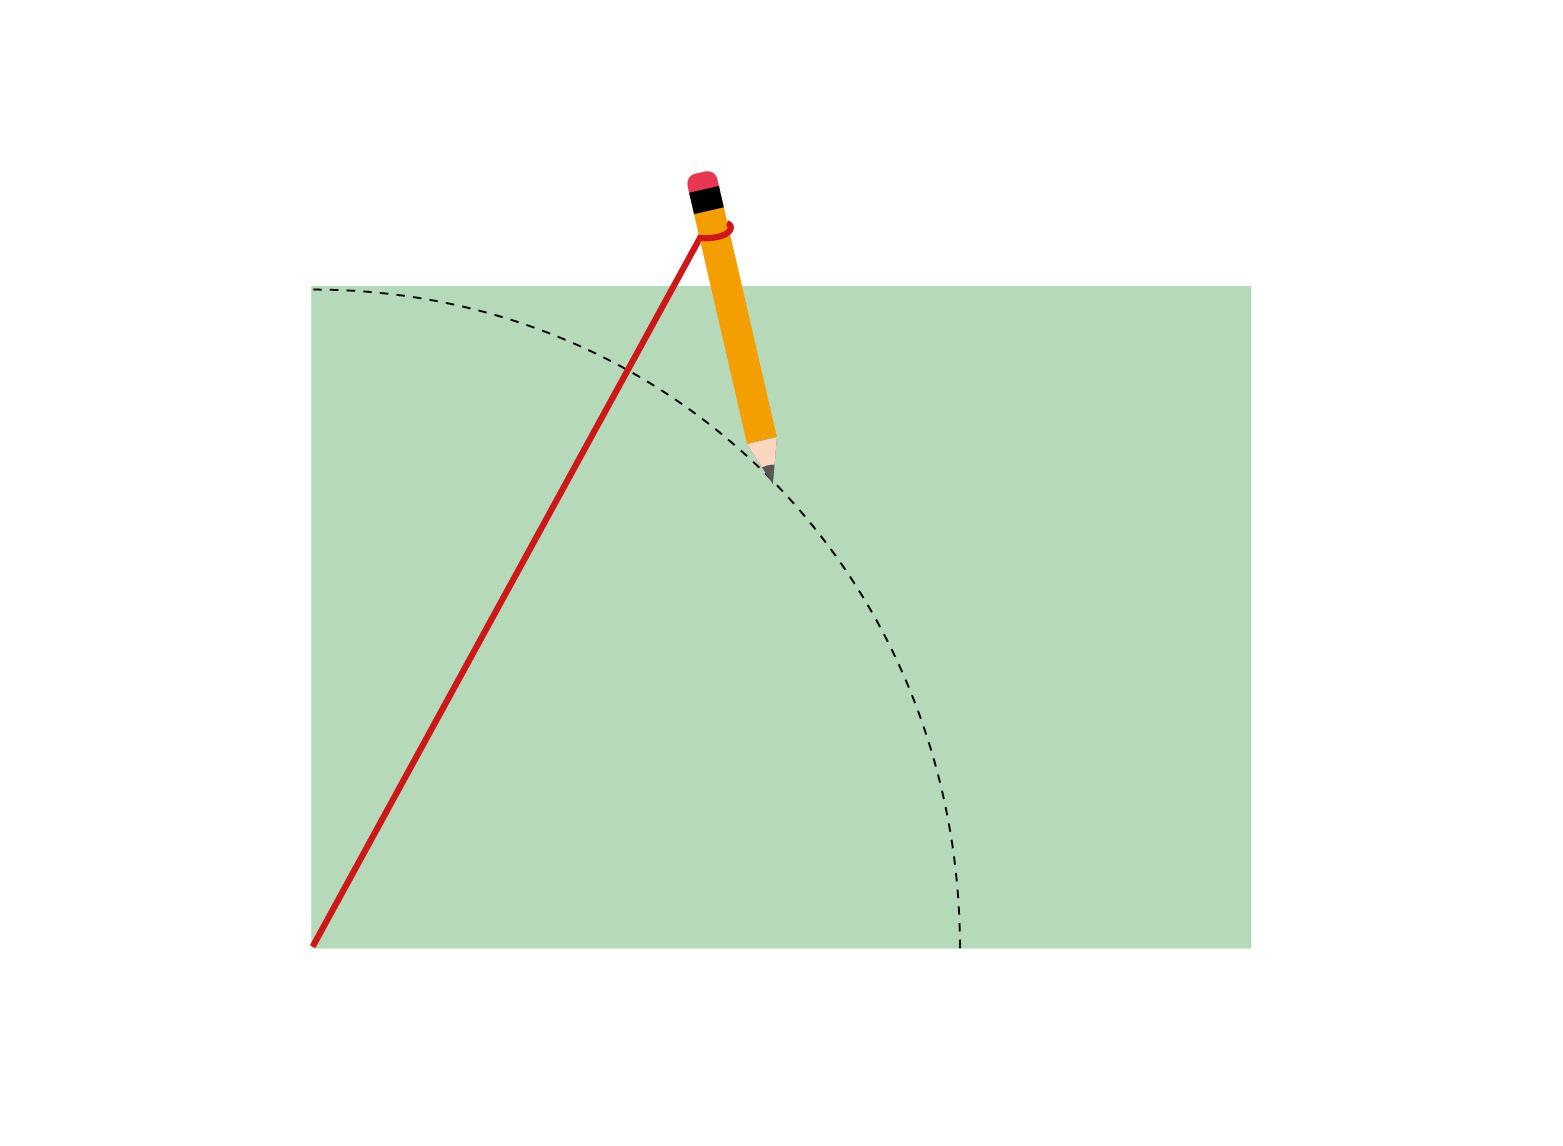 Schritt 1: Nehmen Sie ein Stück Schnur, welches so lang ist, wie du kurze Seite Ihres Pappbogens. Binden Sie an das eine Ende Ihren Bleistift, das andere Ende halten Sie an die untere Ecke der Pappe. Halten Sie die Schnur auf Spannung und zeichnen einmal von der einen zur anderen Kante.